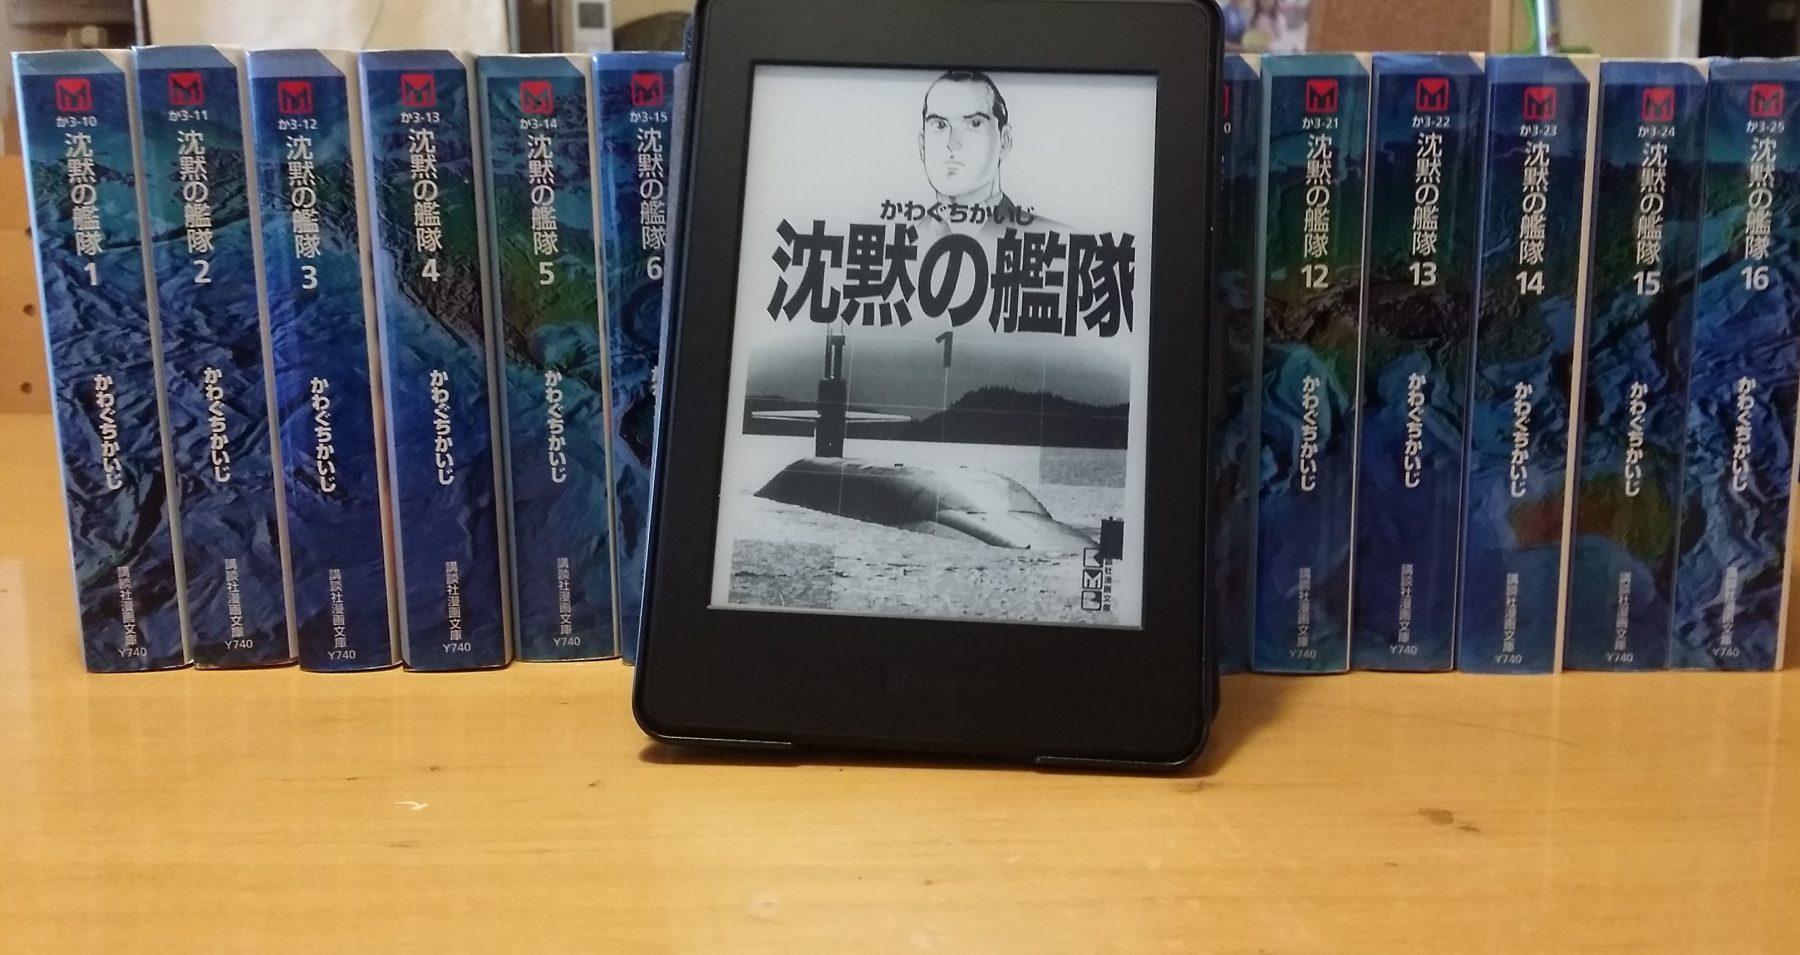 Kindleで電子書籍を買うか、それとも自炊にするか?4つの判断ポイント